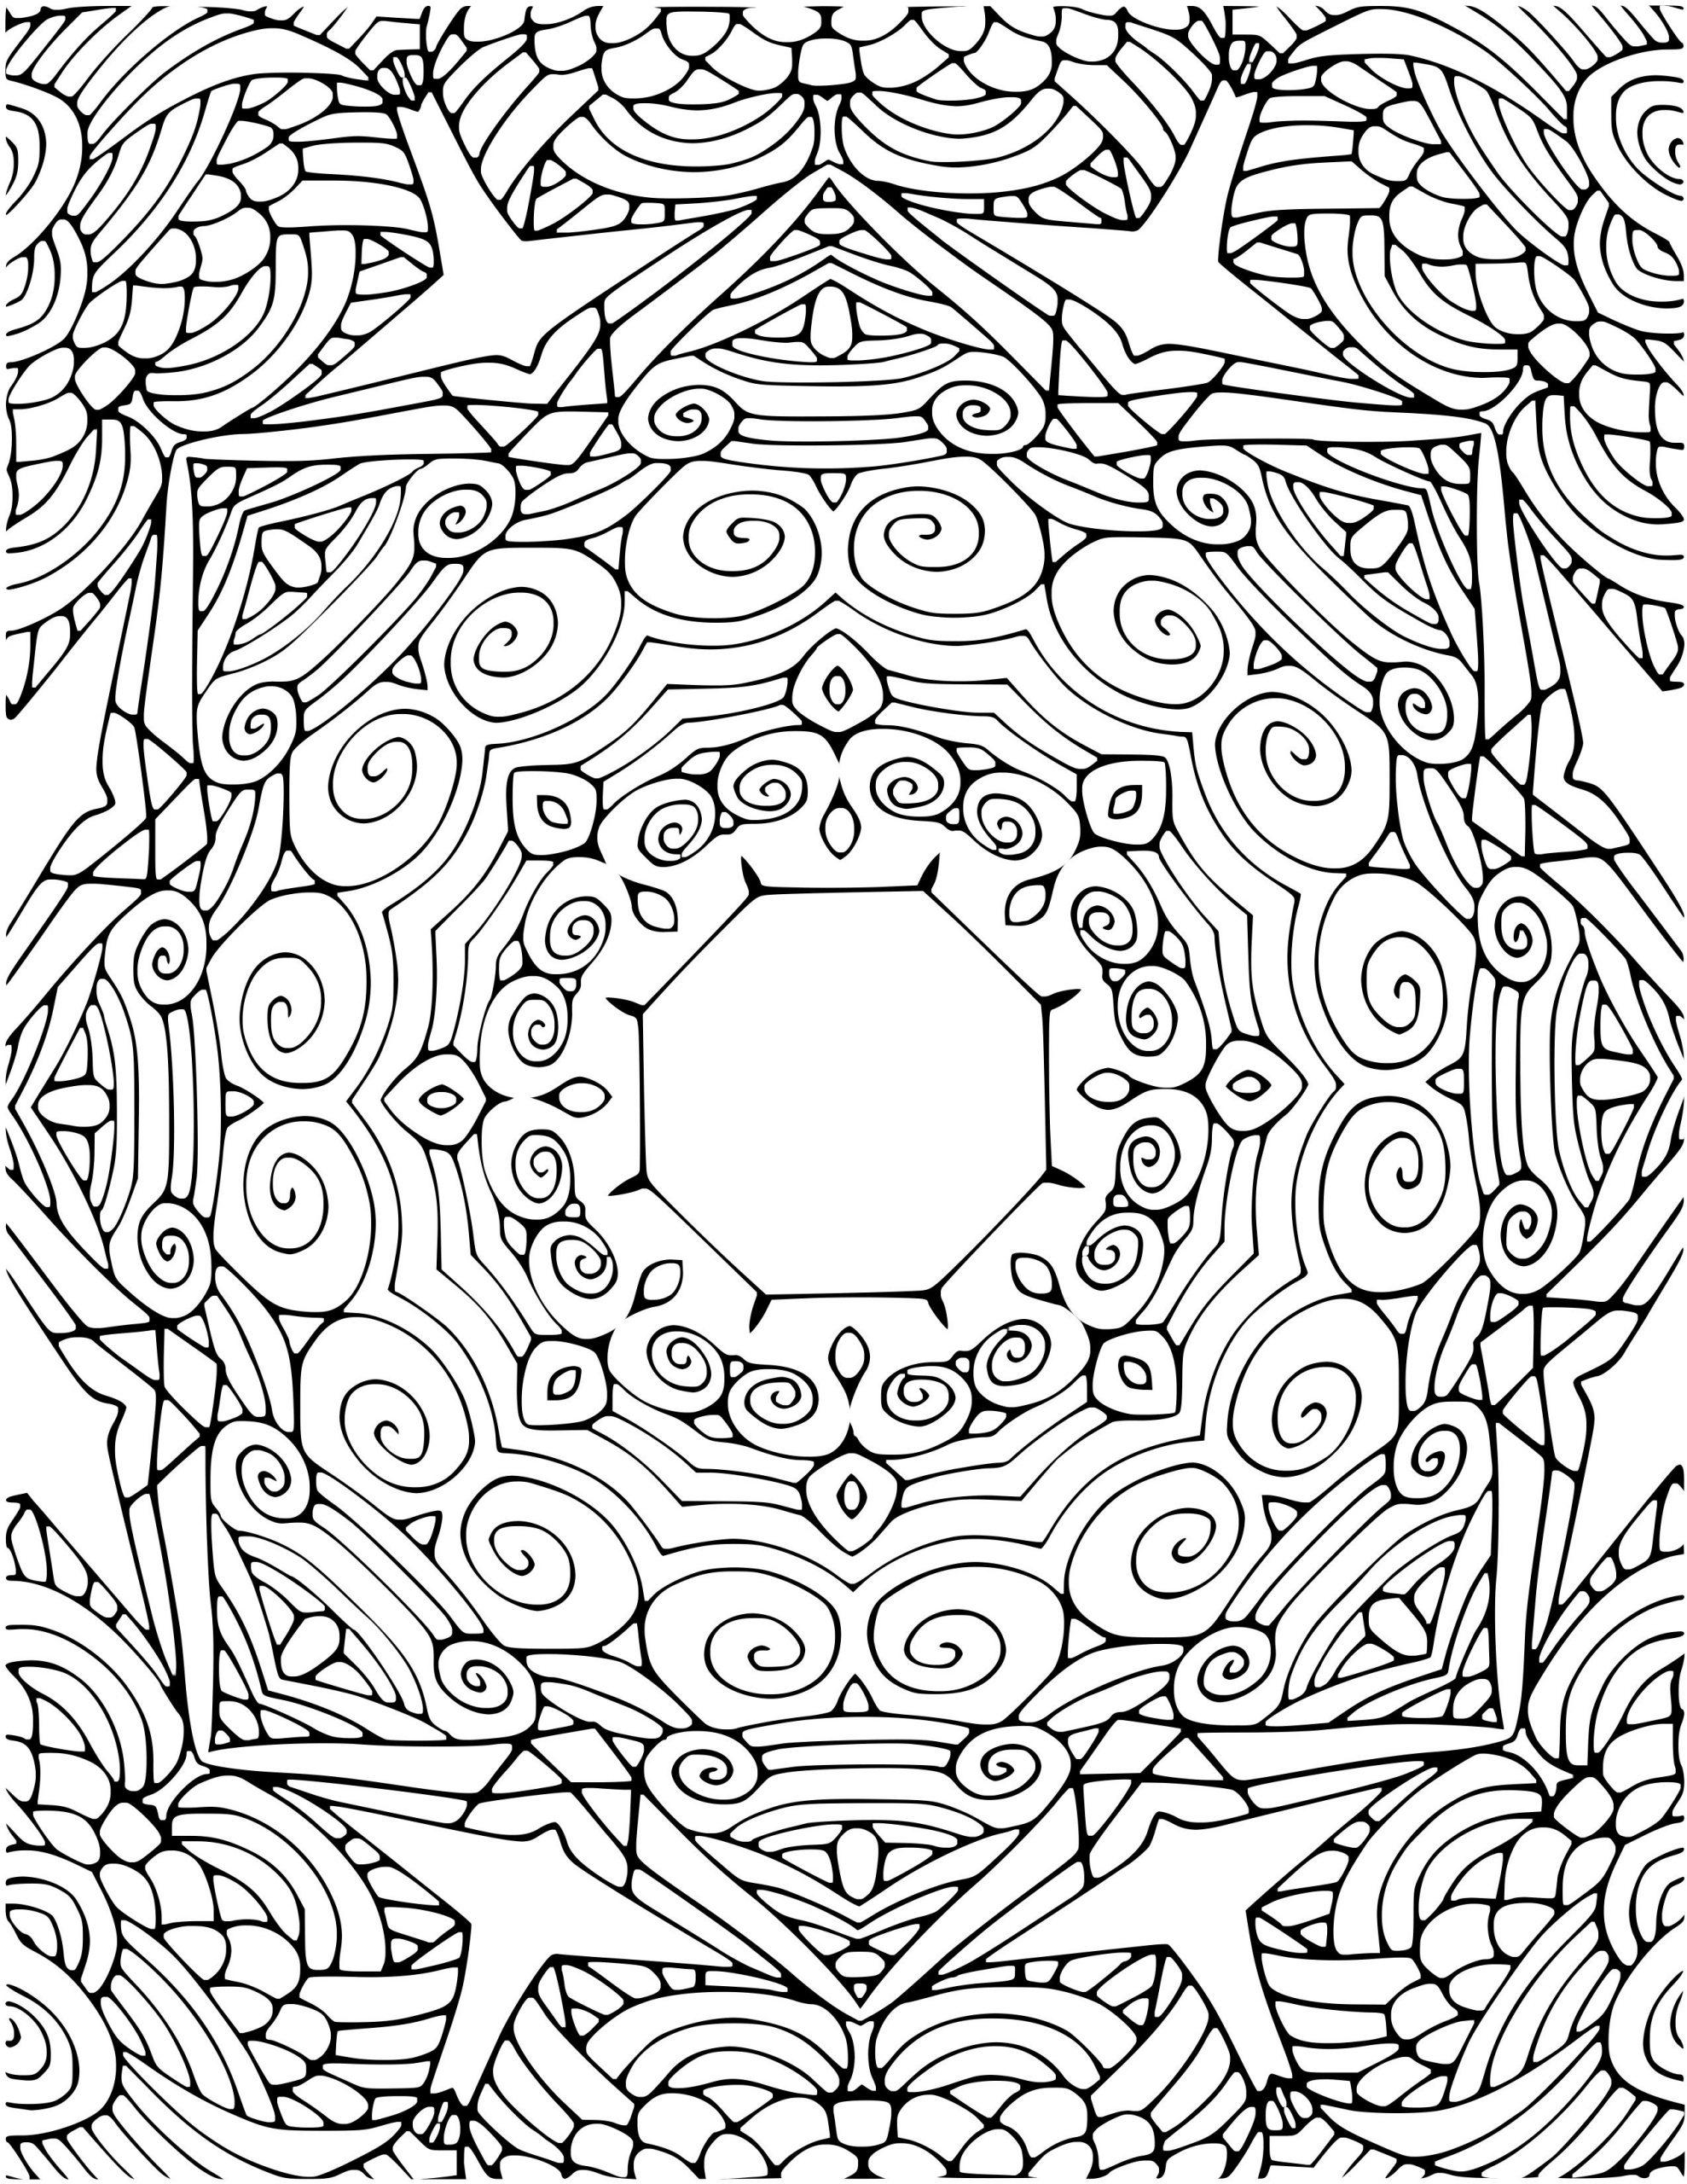 Mandala Ausmalen Für Erwachsene - Ausmalbilder Kostenlos verwandt mit Mandalas Zum Ausmalen